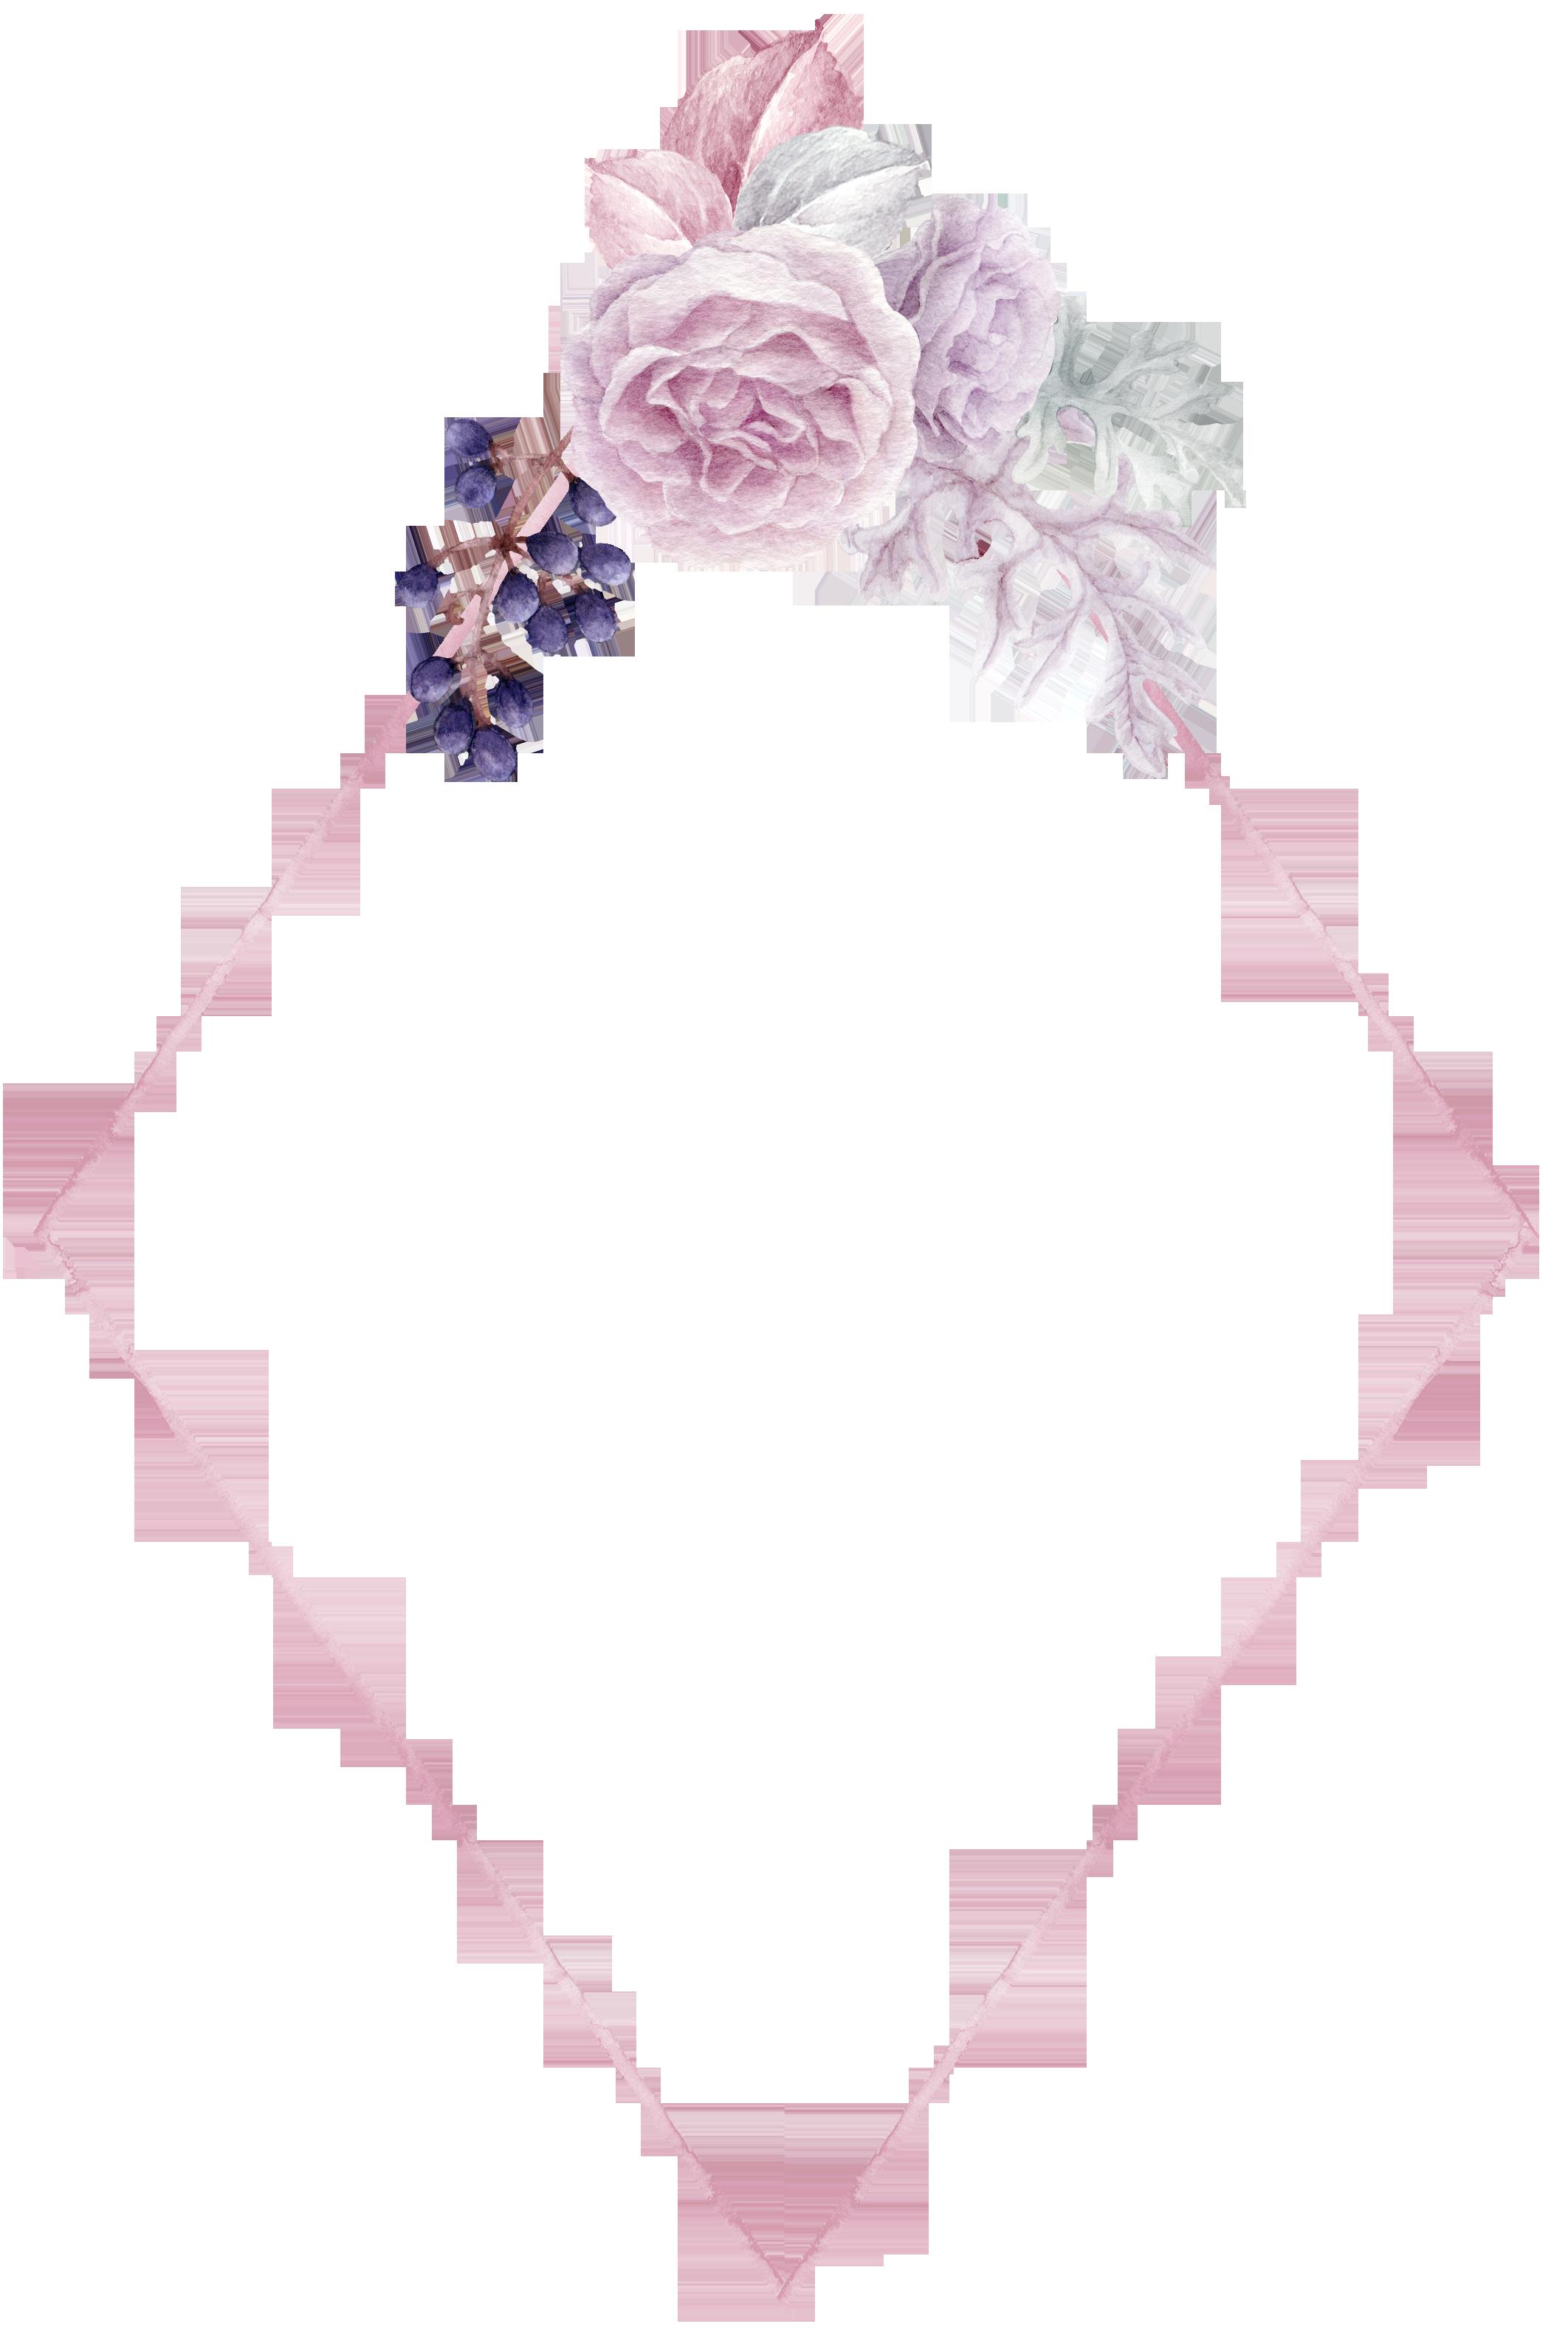 H972 22 Planos De Fundo Plano De Fundo Rosa Moldura Floral